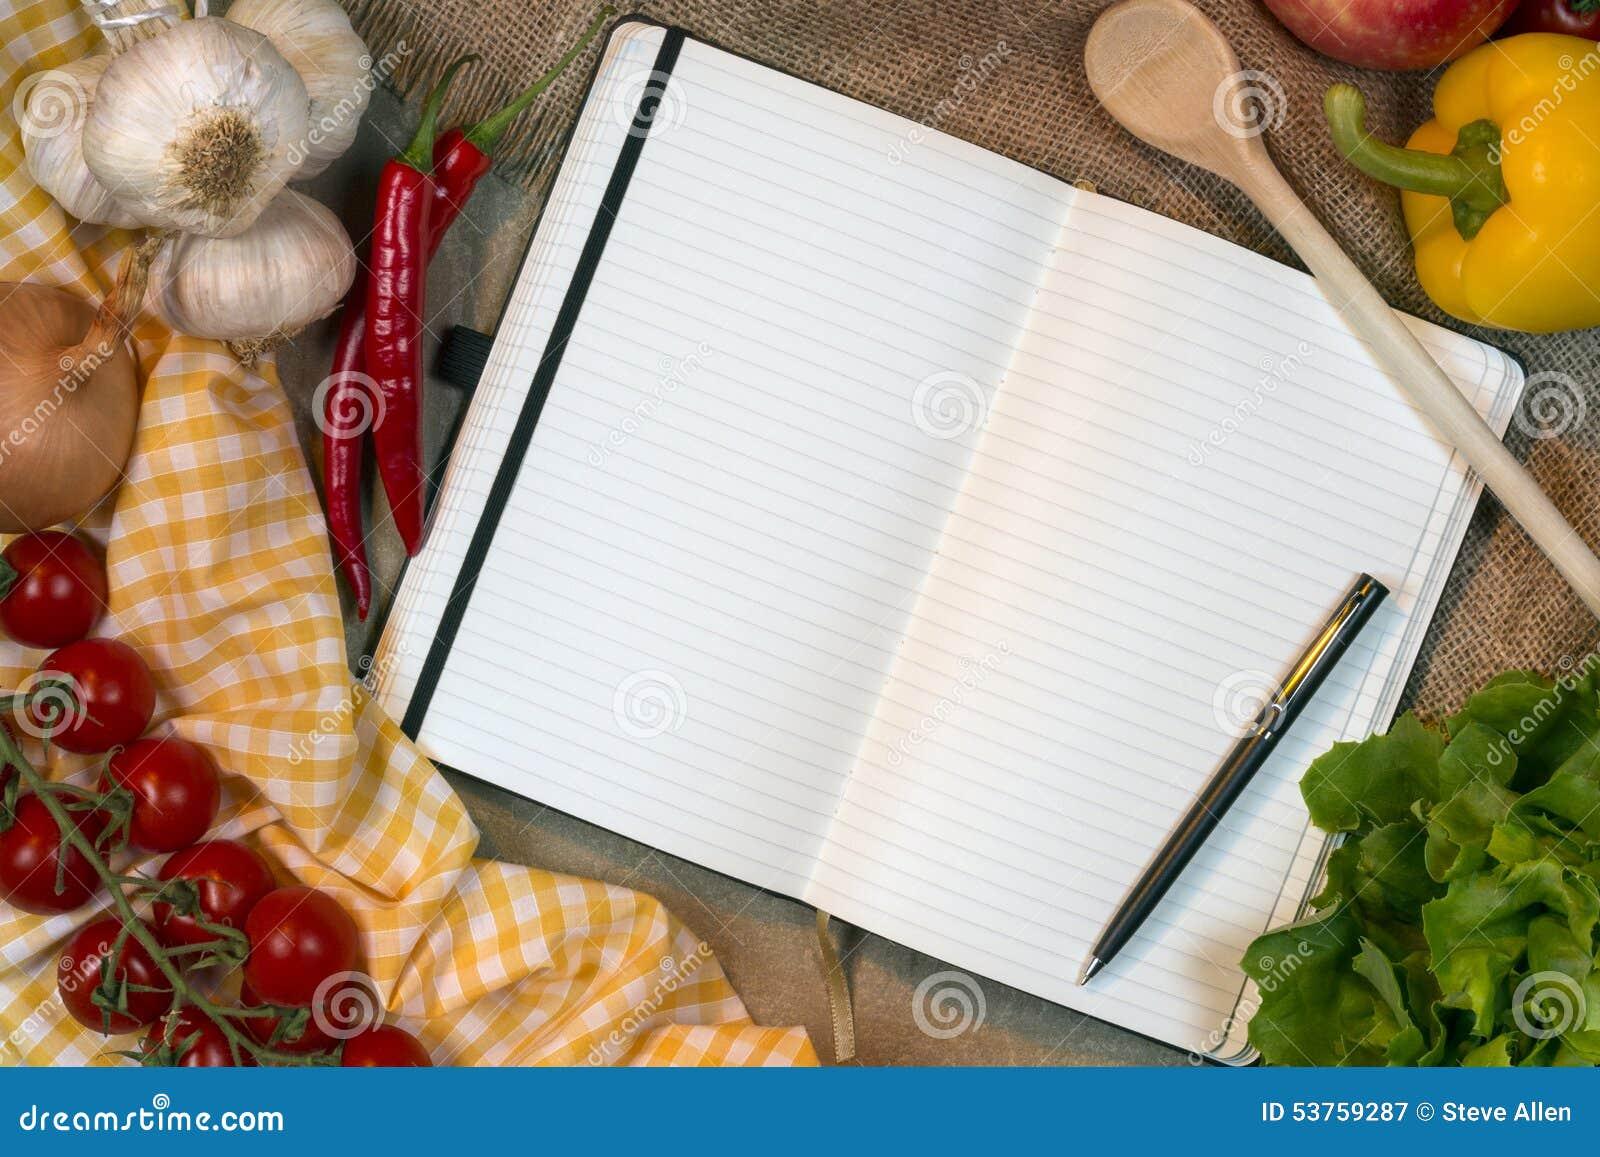 Libro di ricetta - spazio per testo